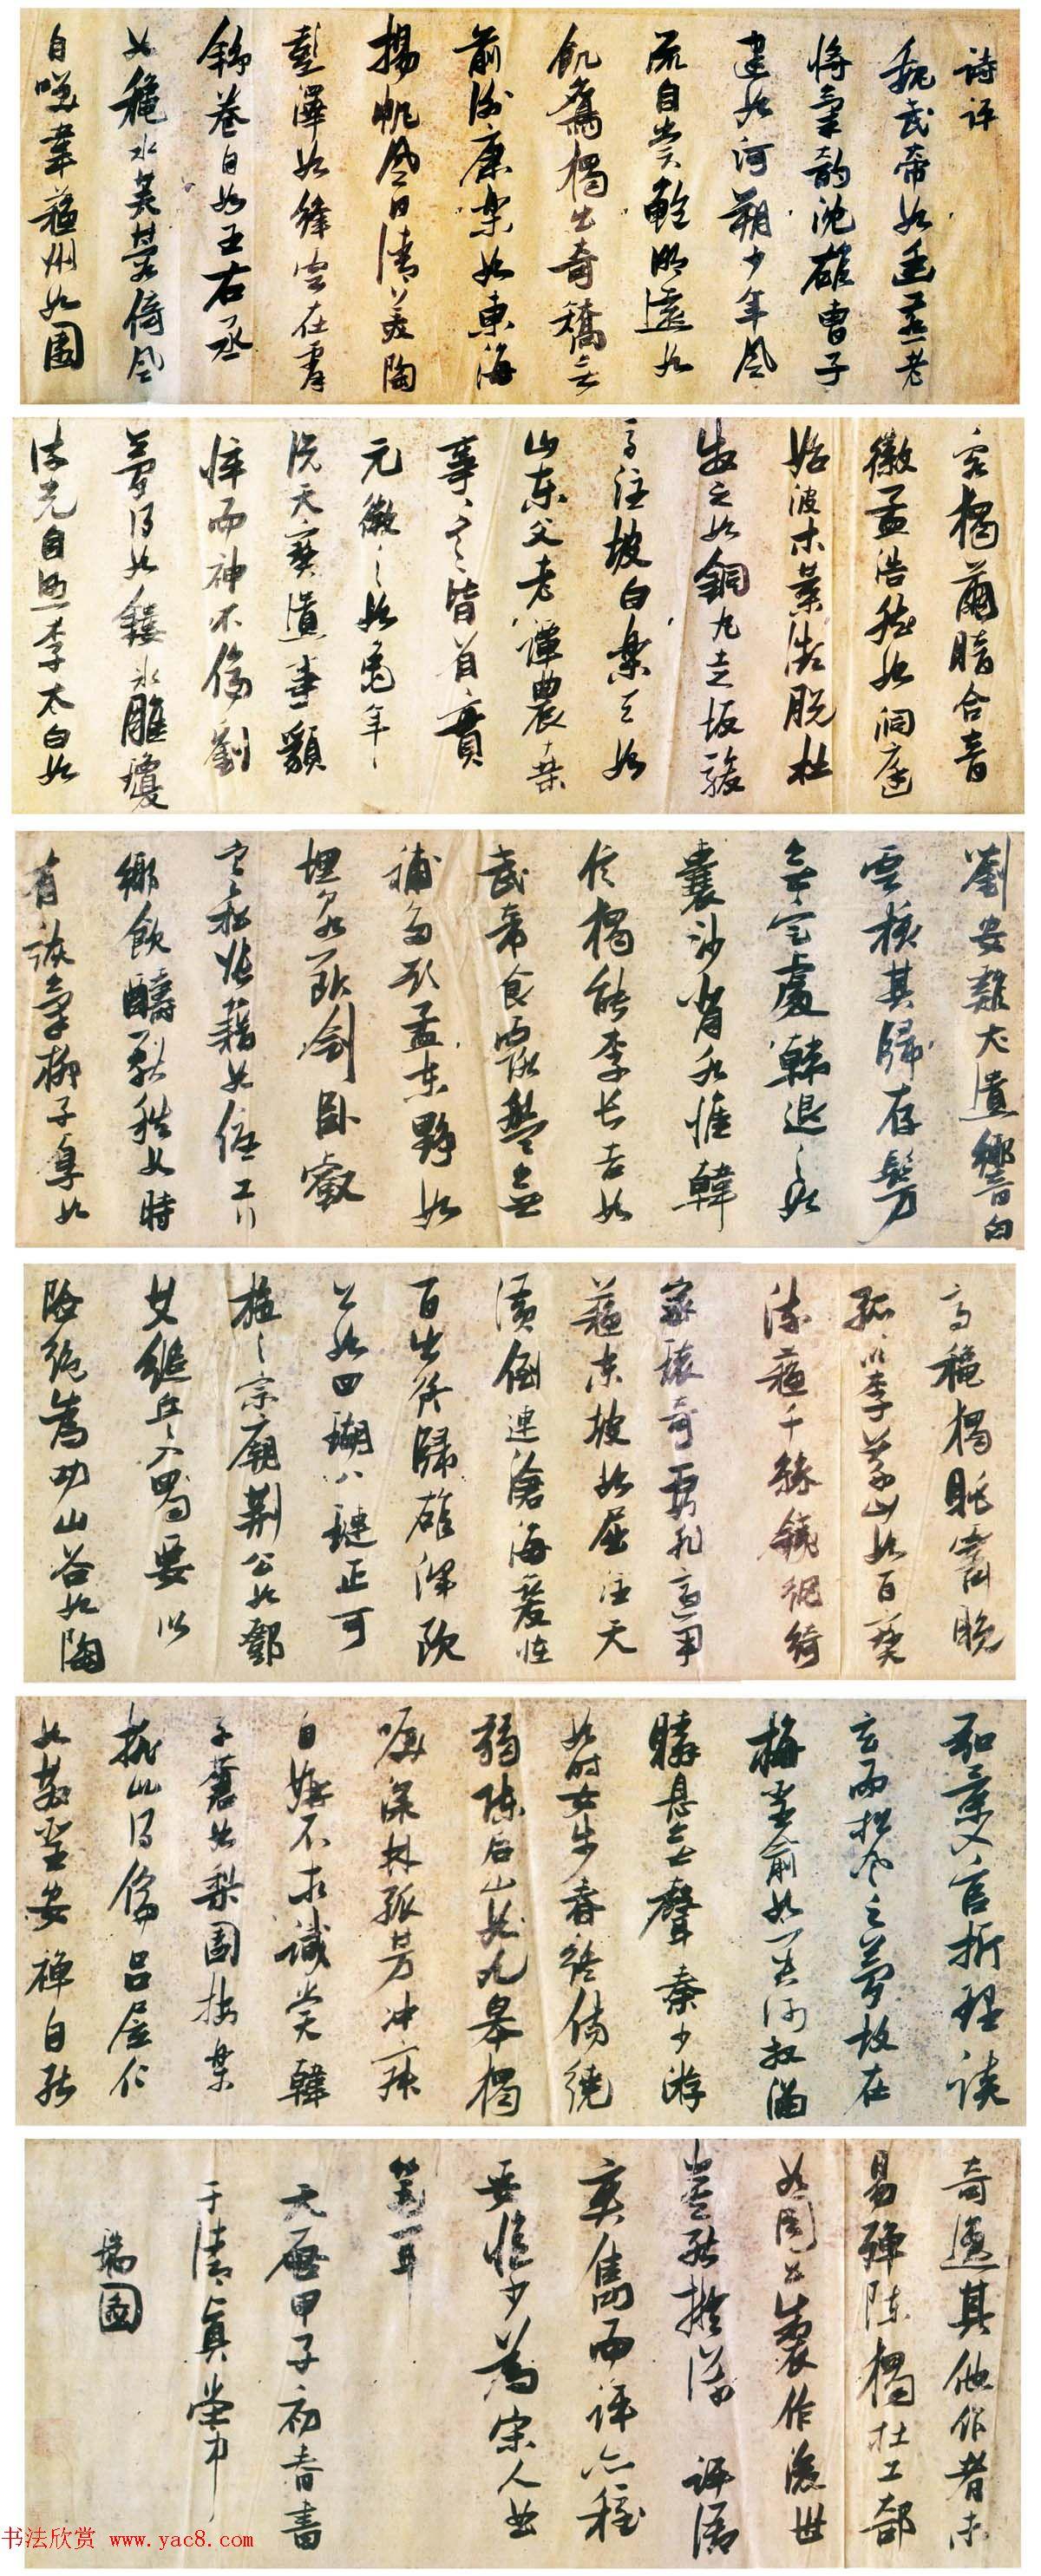 张瑞图行草书法欣赏《诗评》卷